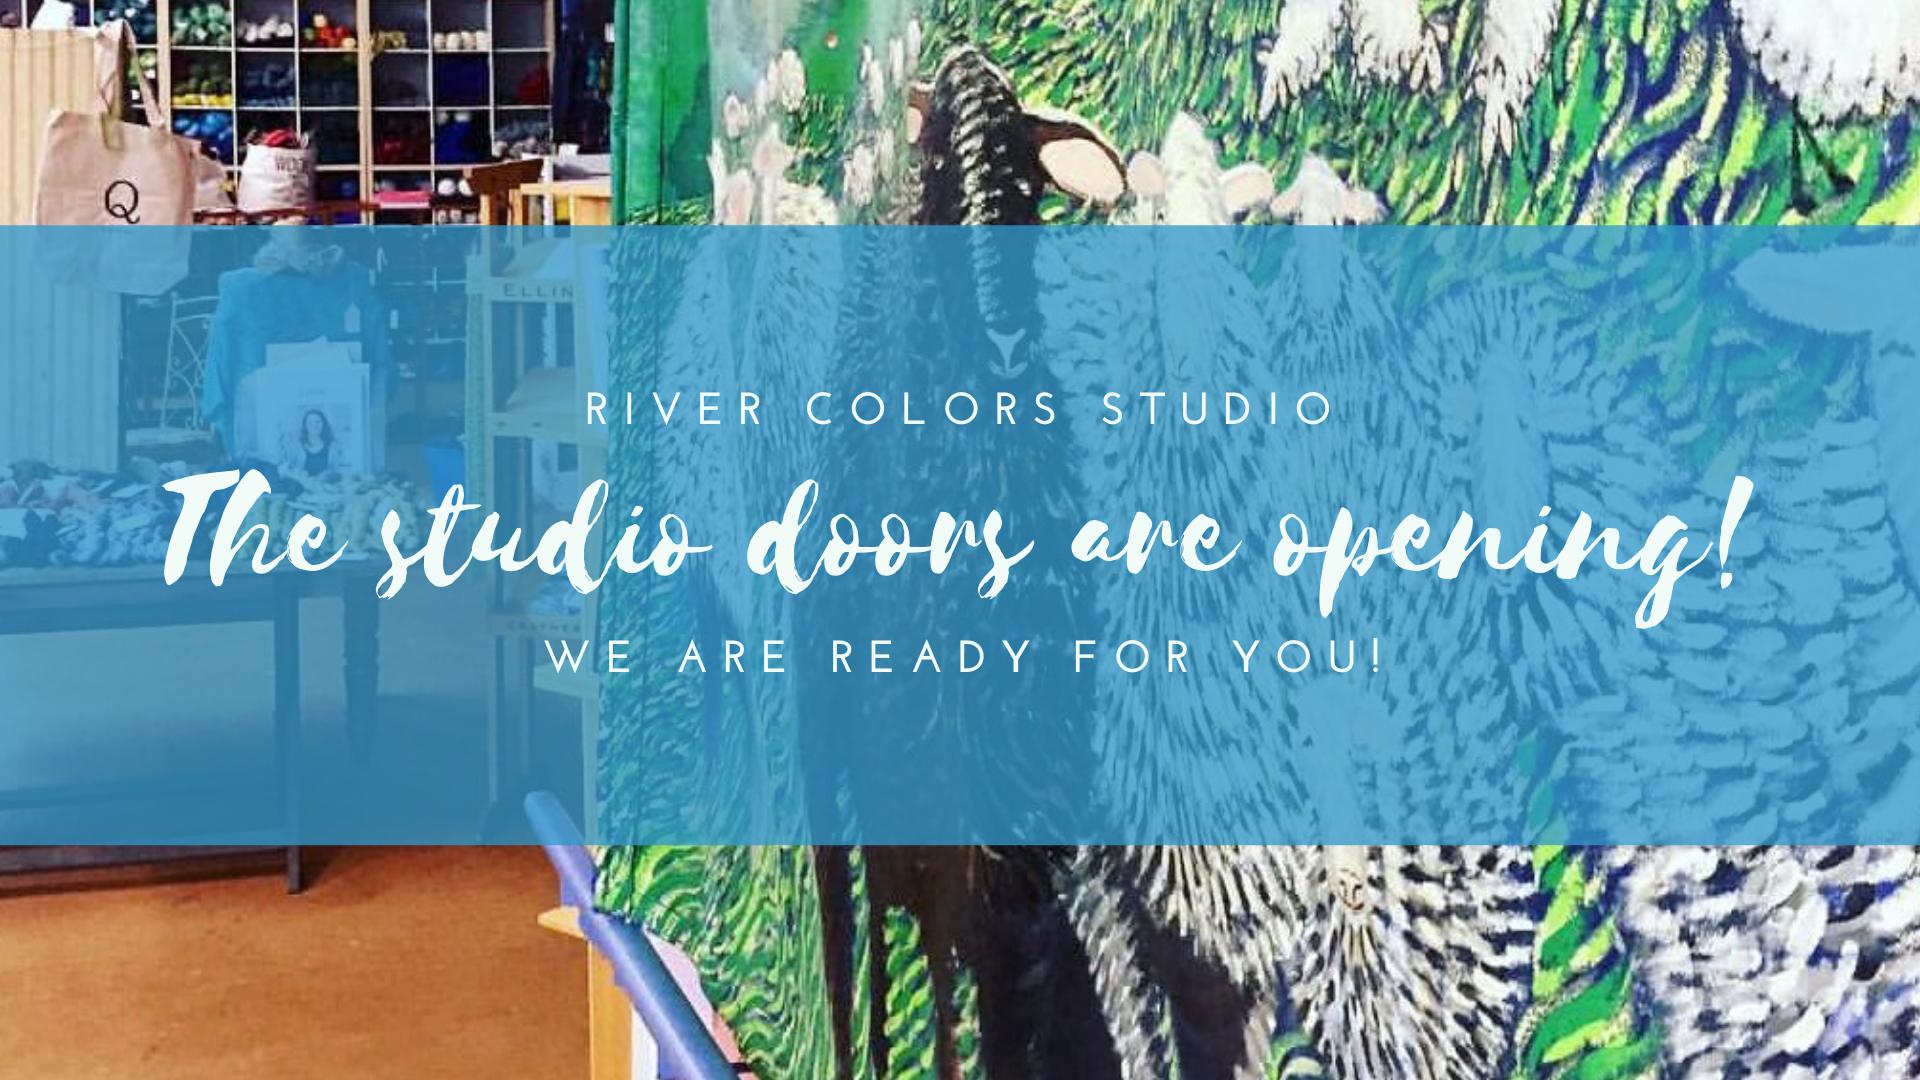 The studio doors are opening!